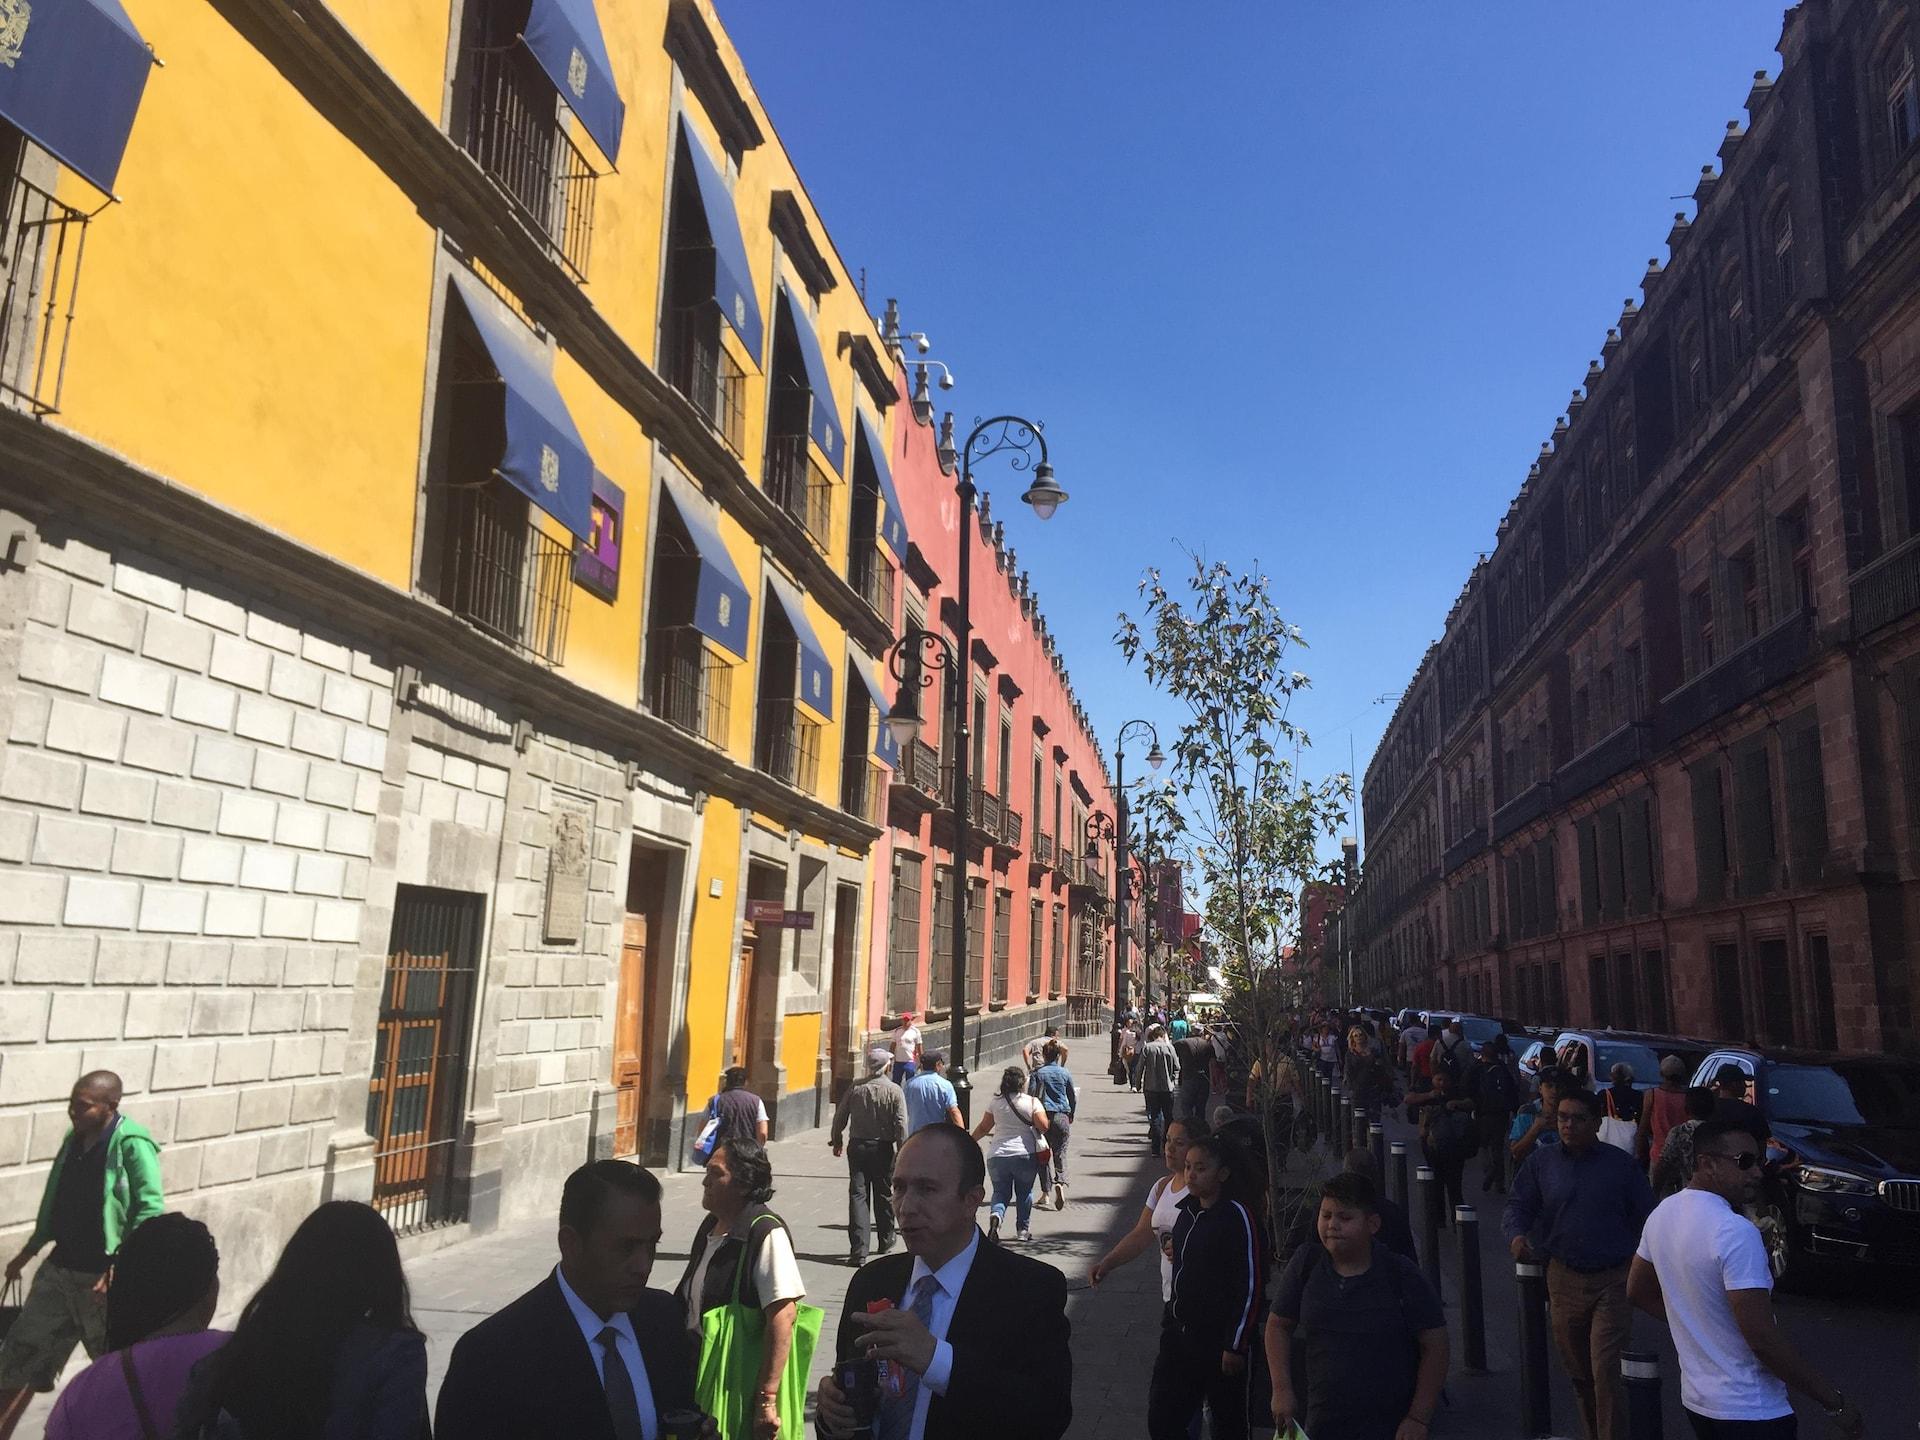 Des passants dans une rue bordée d'immeubles.